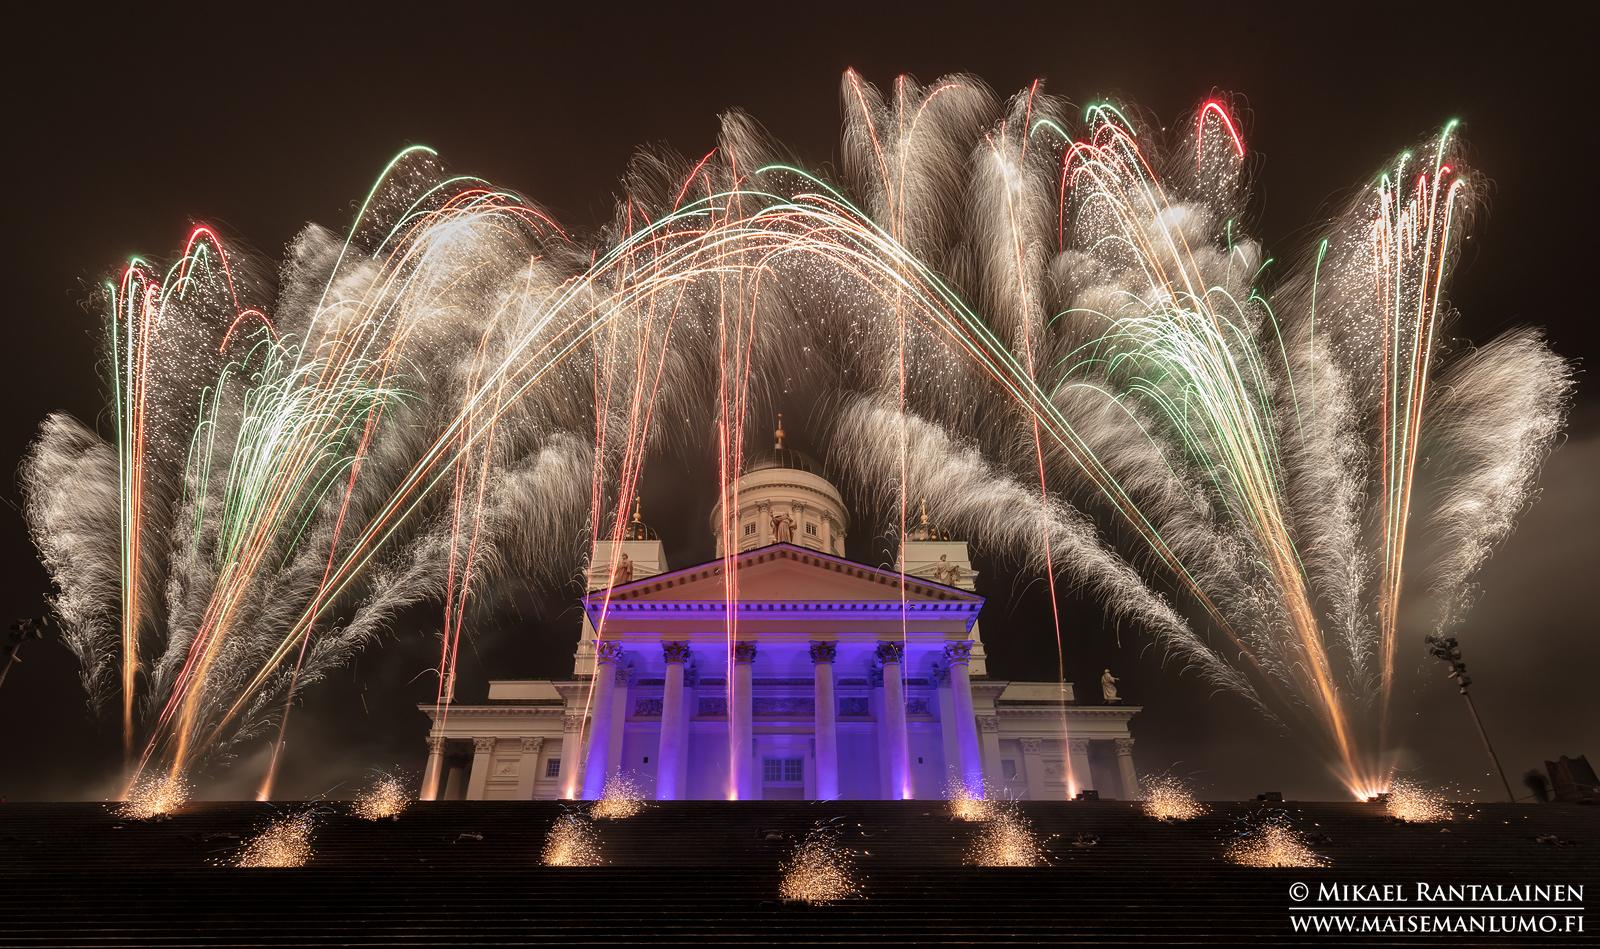 Senaatintorin uudenvuoden ilotulitus 2019, Helsinki